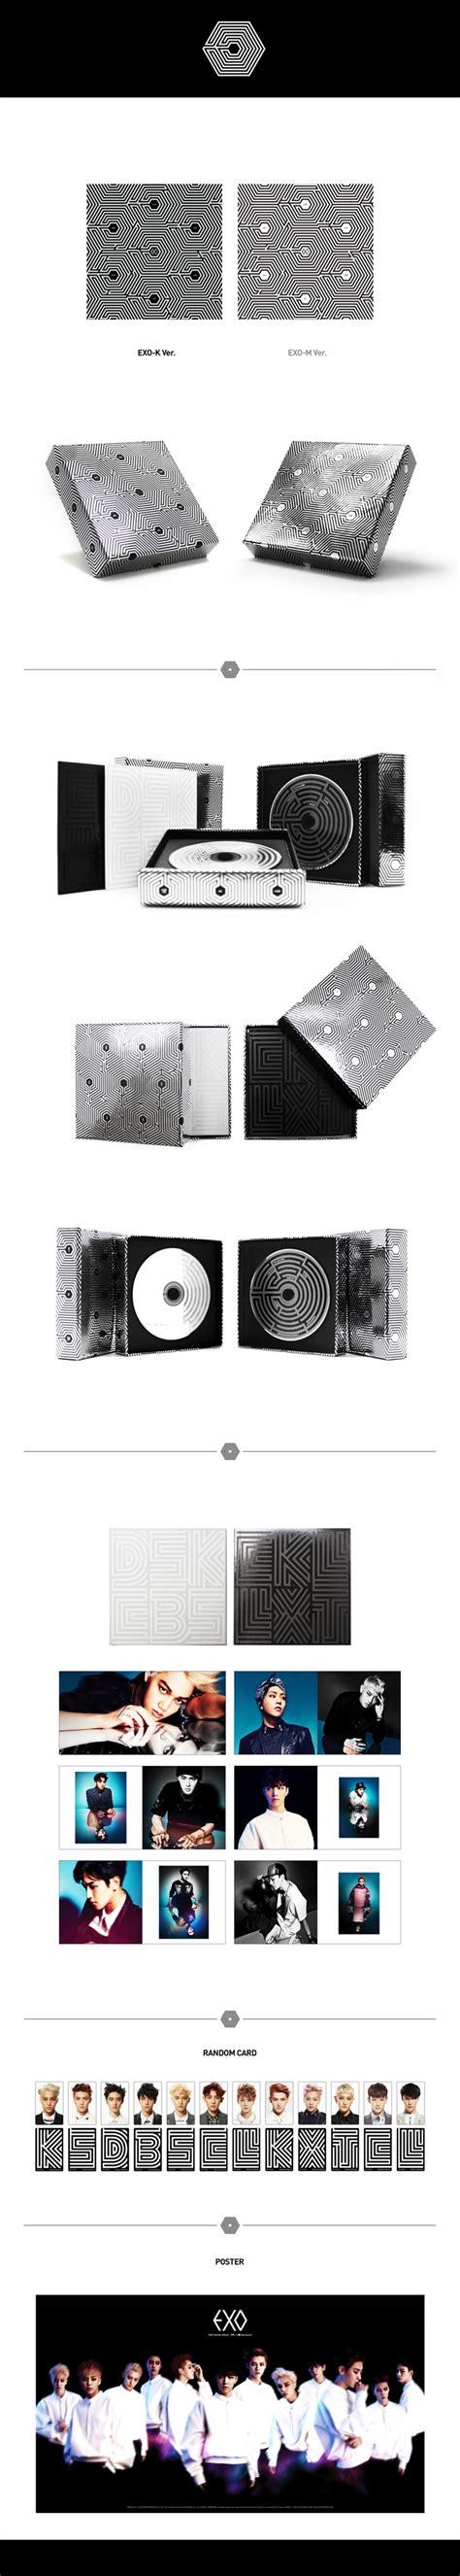 Lay Mini Album Vol 1 Lose exo k mini album vol 2 overdose cassey cds